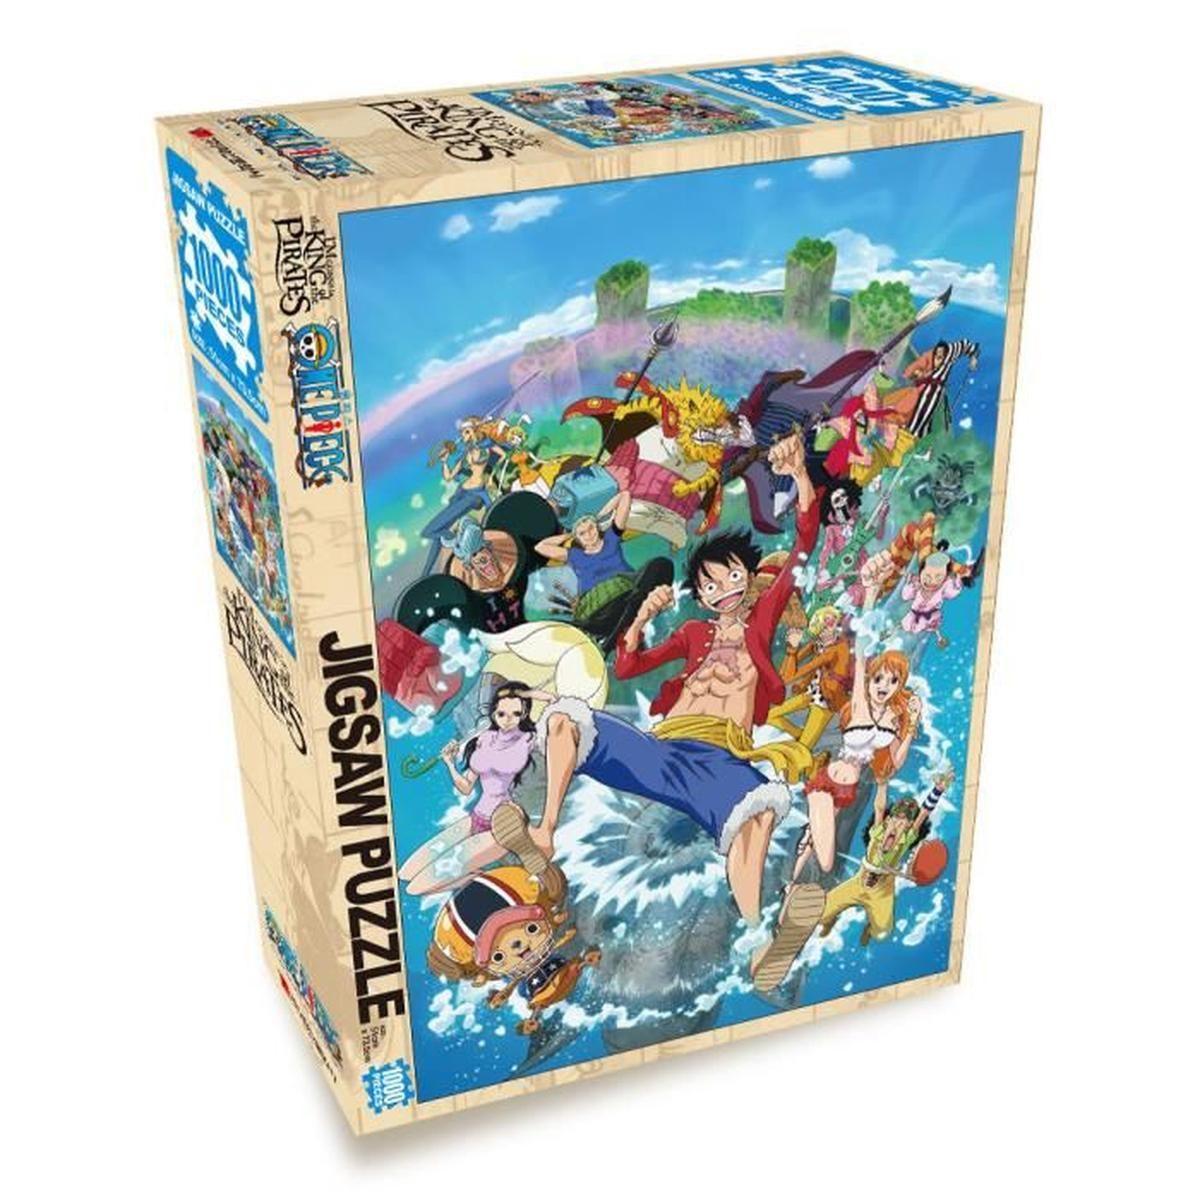 Puzzle One Piece dedans Dessin Animé De One Piece